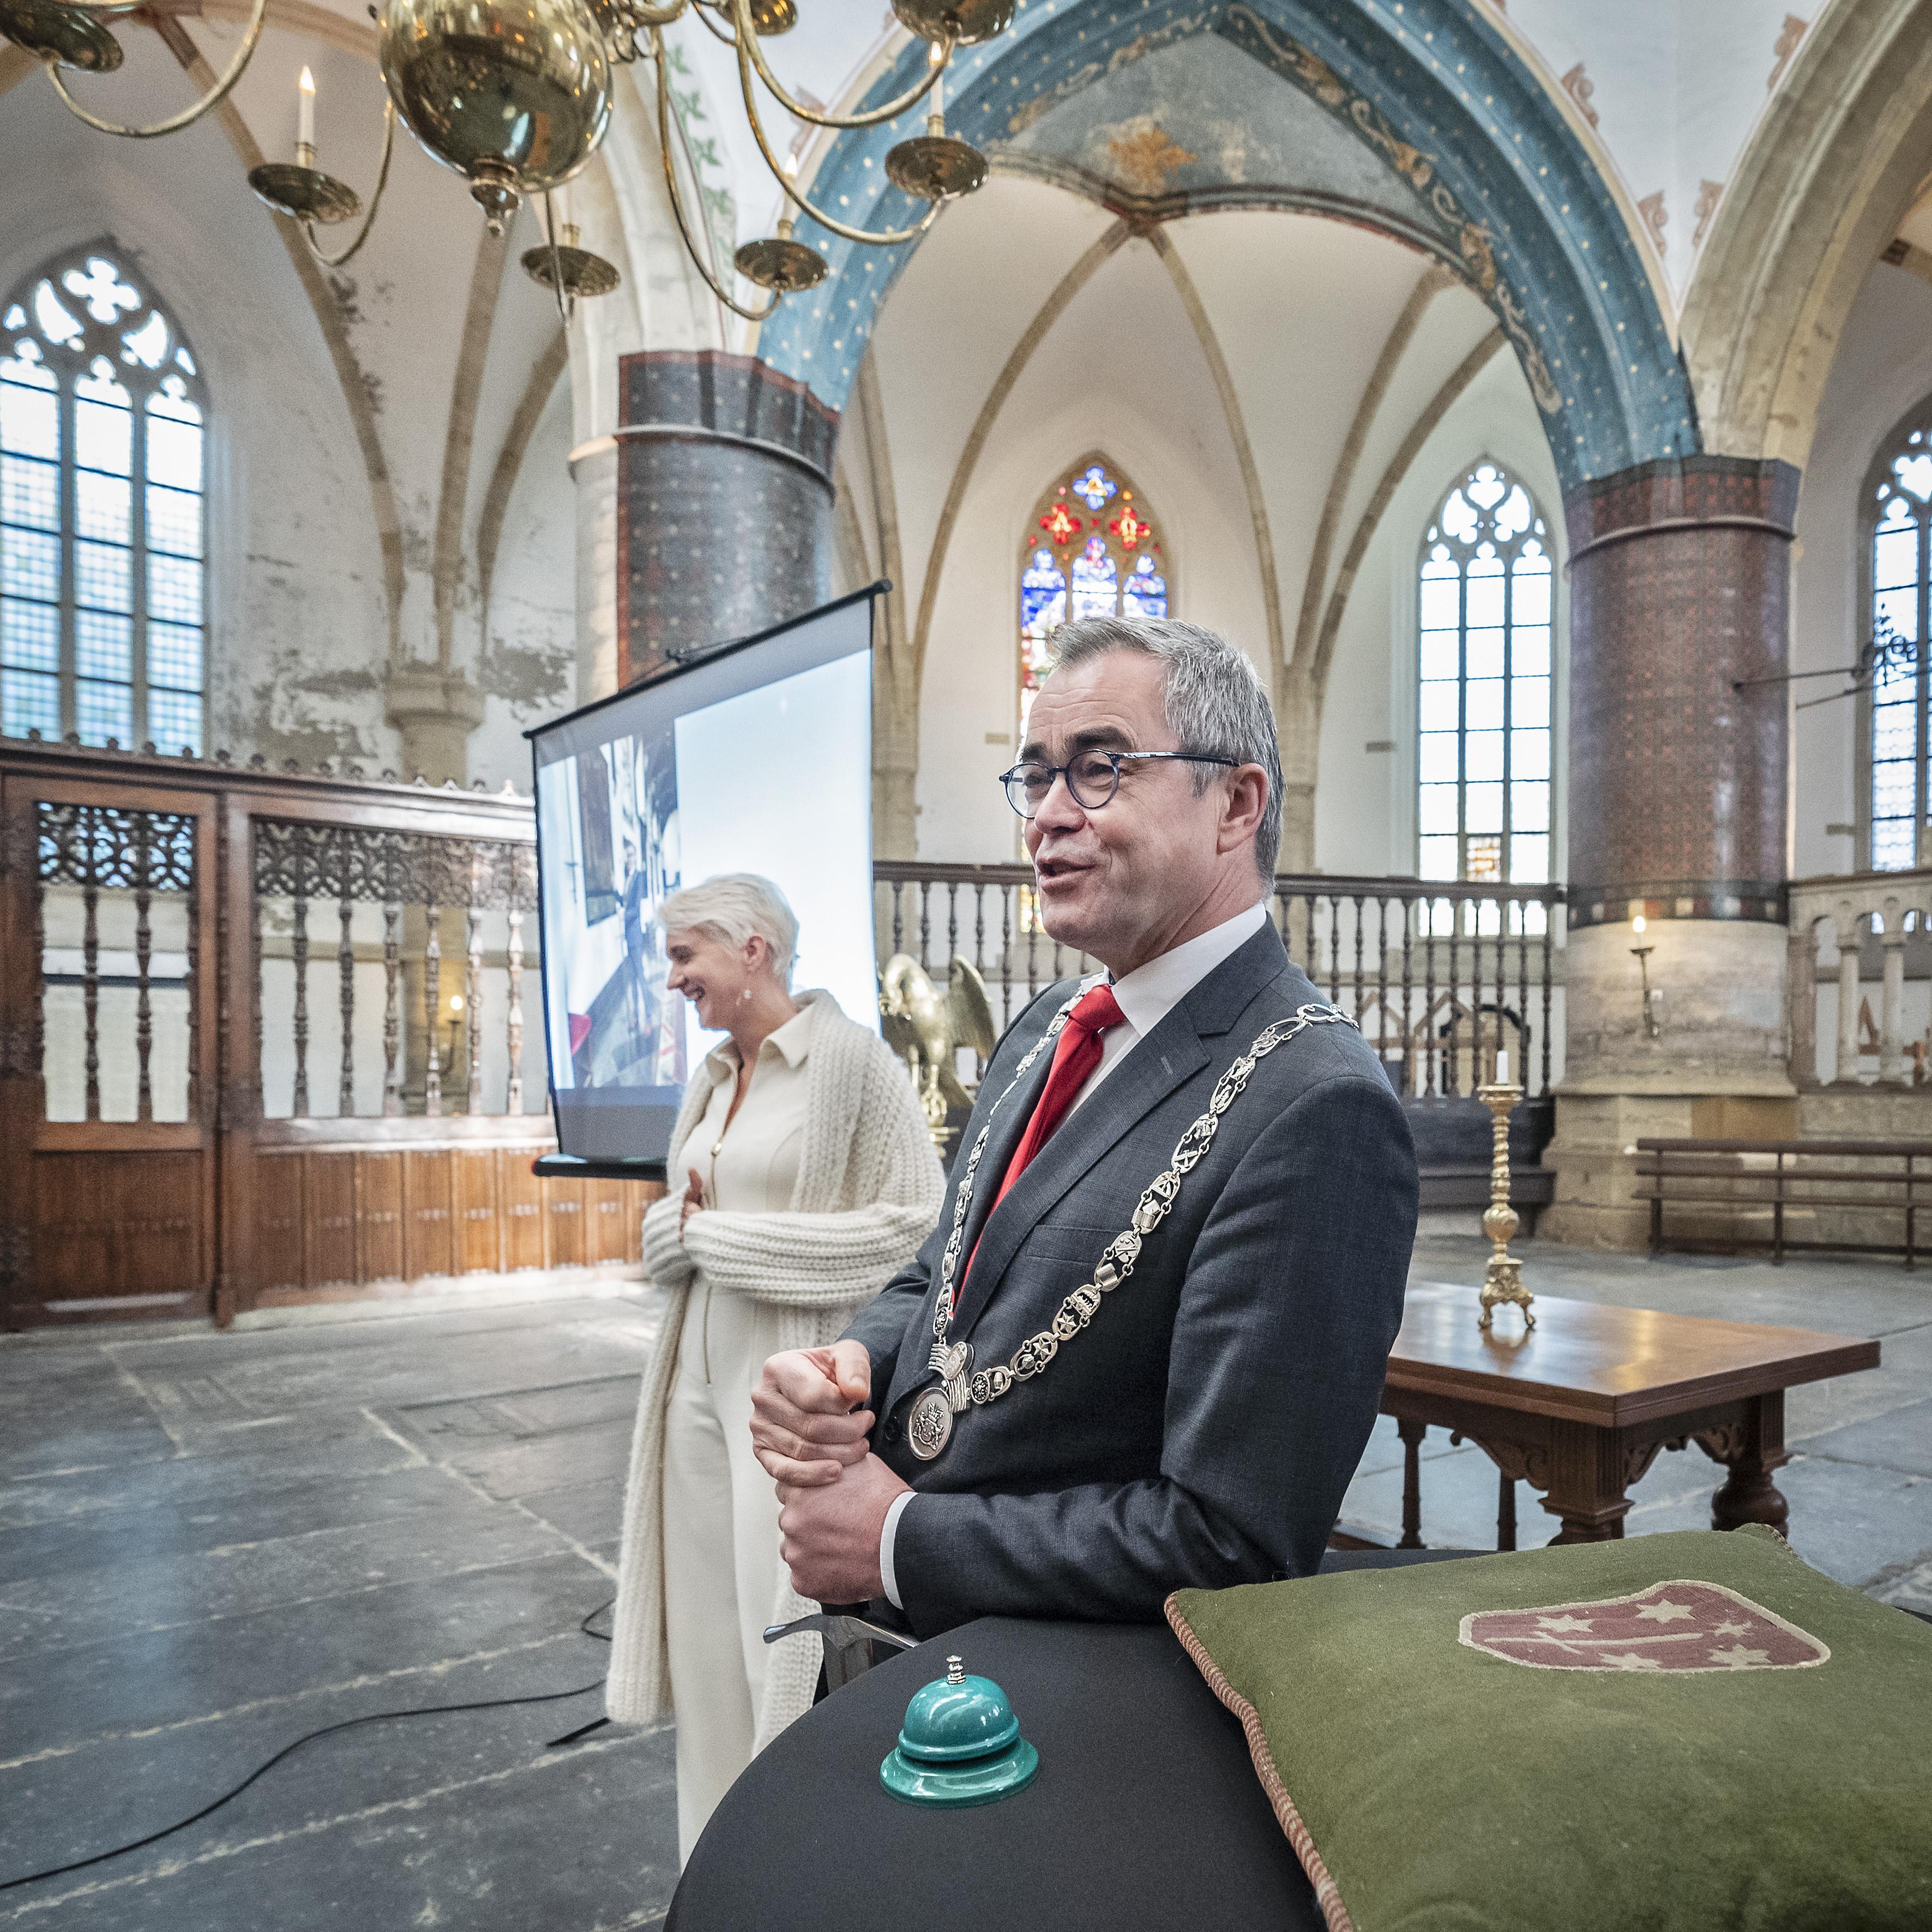 Zo viert Haarlem zijn 775e verjaardag in coronatijd: met Haarlem-vlag, Haarlem-mondkapje, en een sterk Haarlem-gevoel: 'Vicit vim virus, toch?'